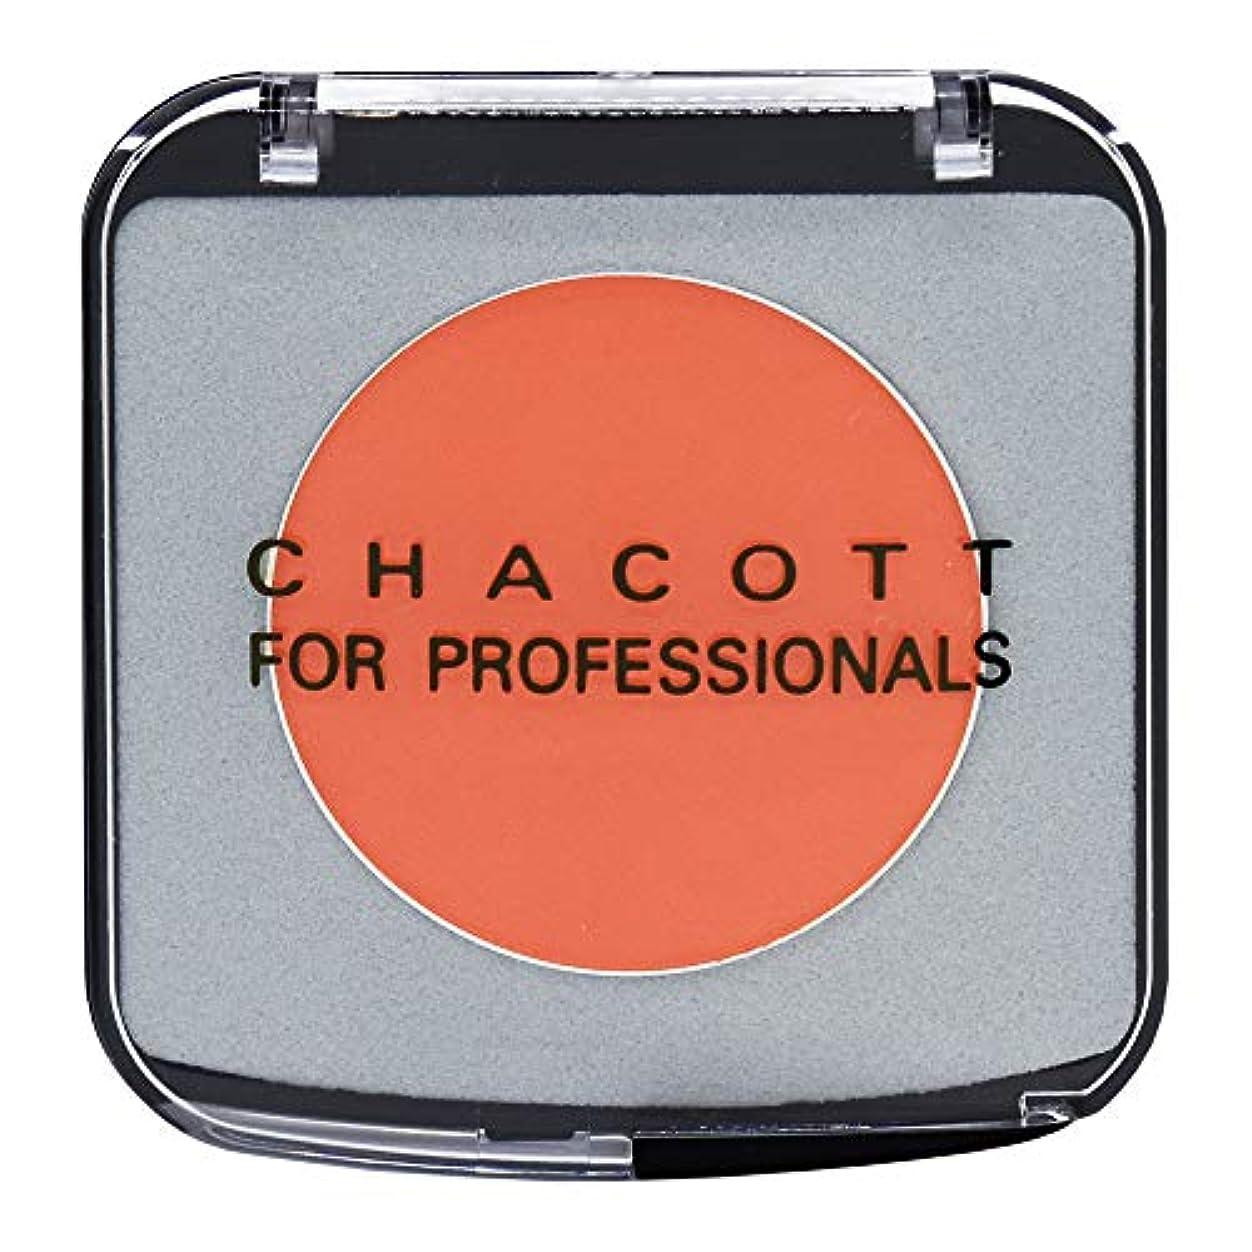 注目すべき賢明なやるCHACOTT<チャコット> カラーバリエーション 619.フレームポピー